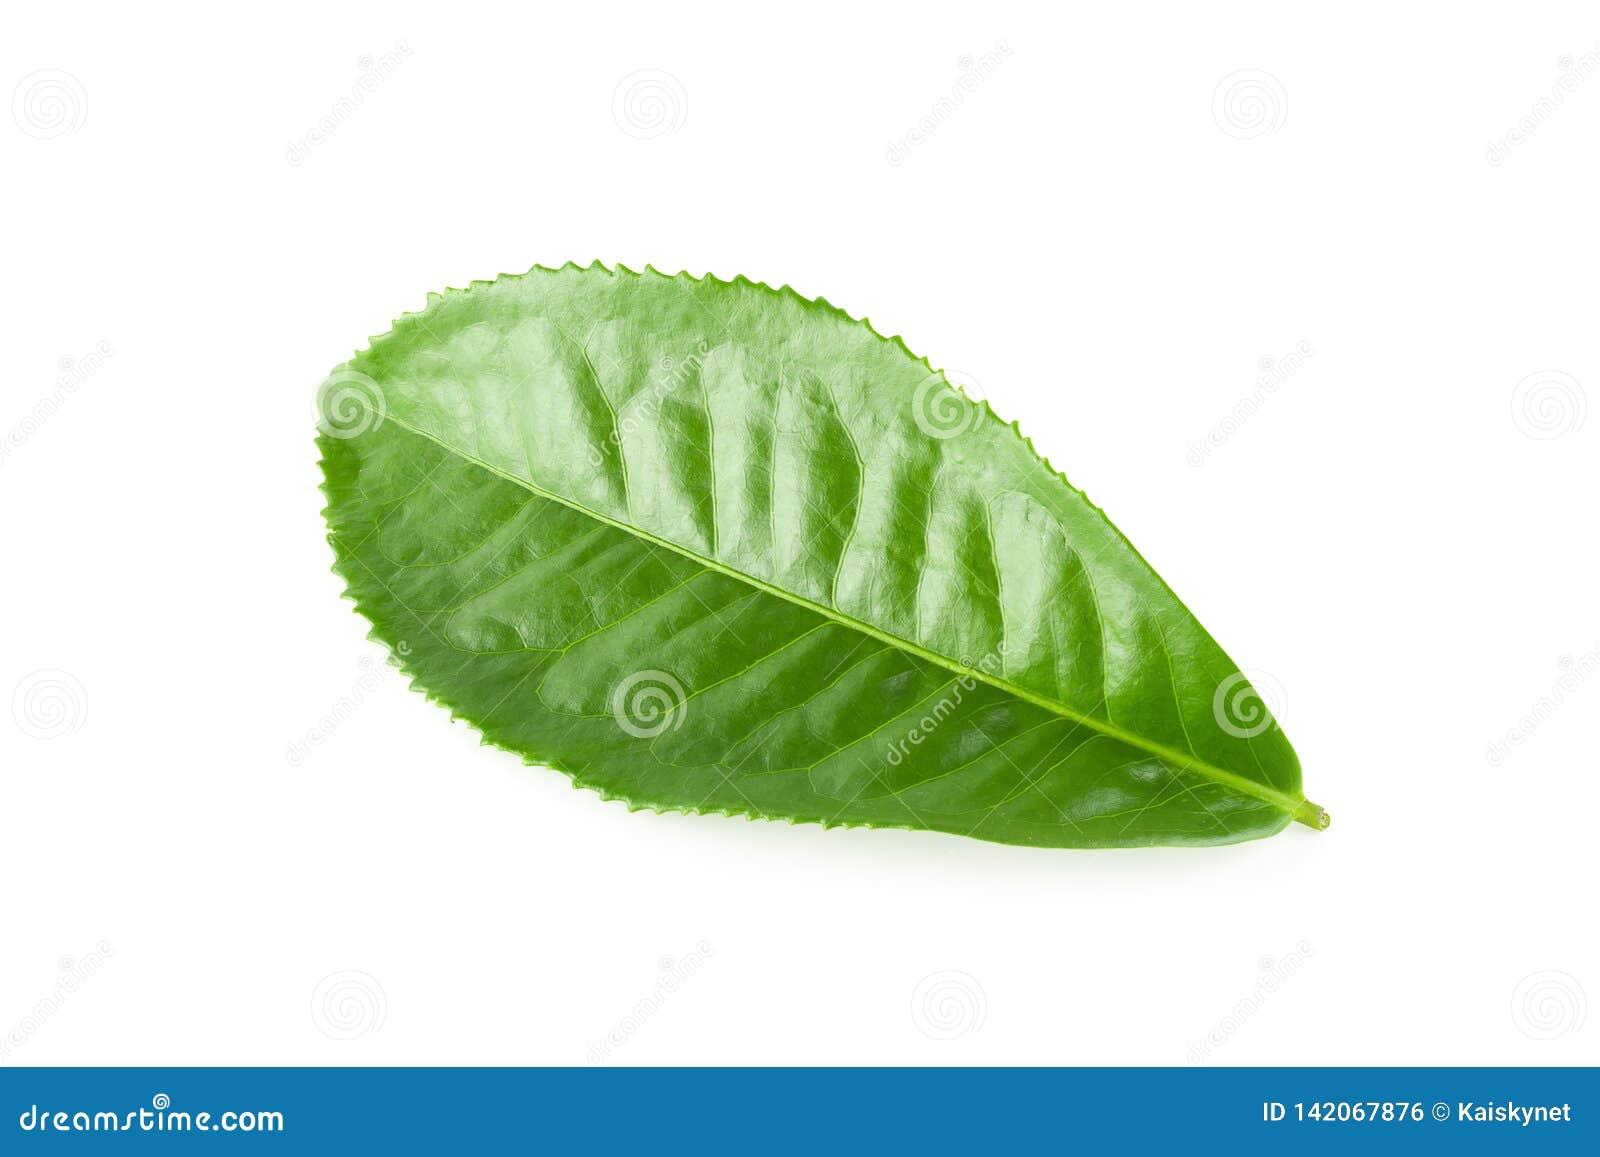 绿色茶叶被隔绝在白色背景